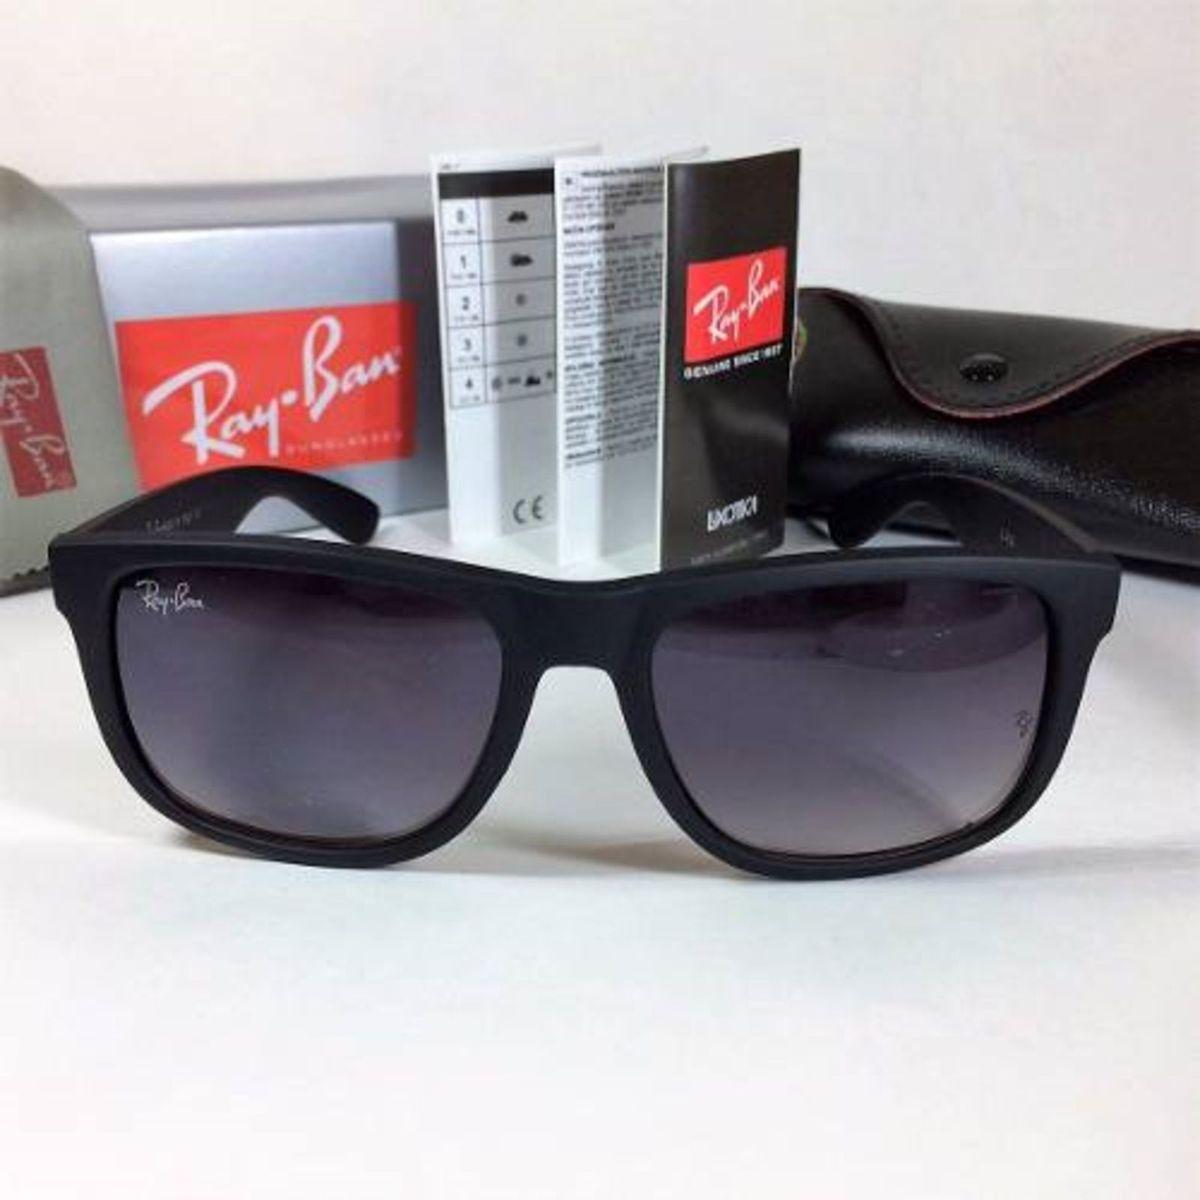 333e32d6f óculos justin masculino ray ban rb 4165 degrade espelhado preto - óculos ray -ban